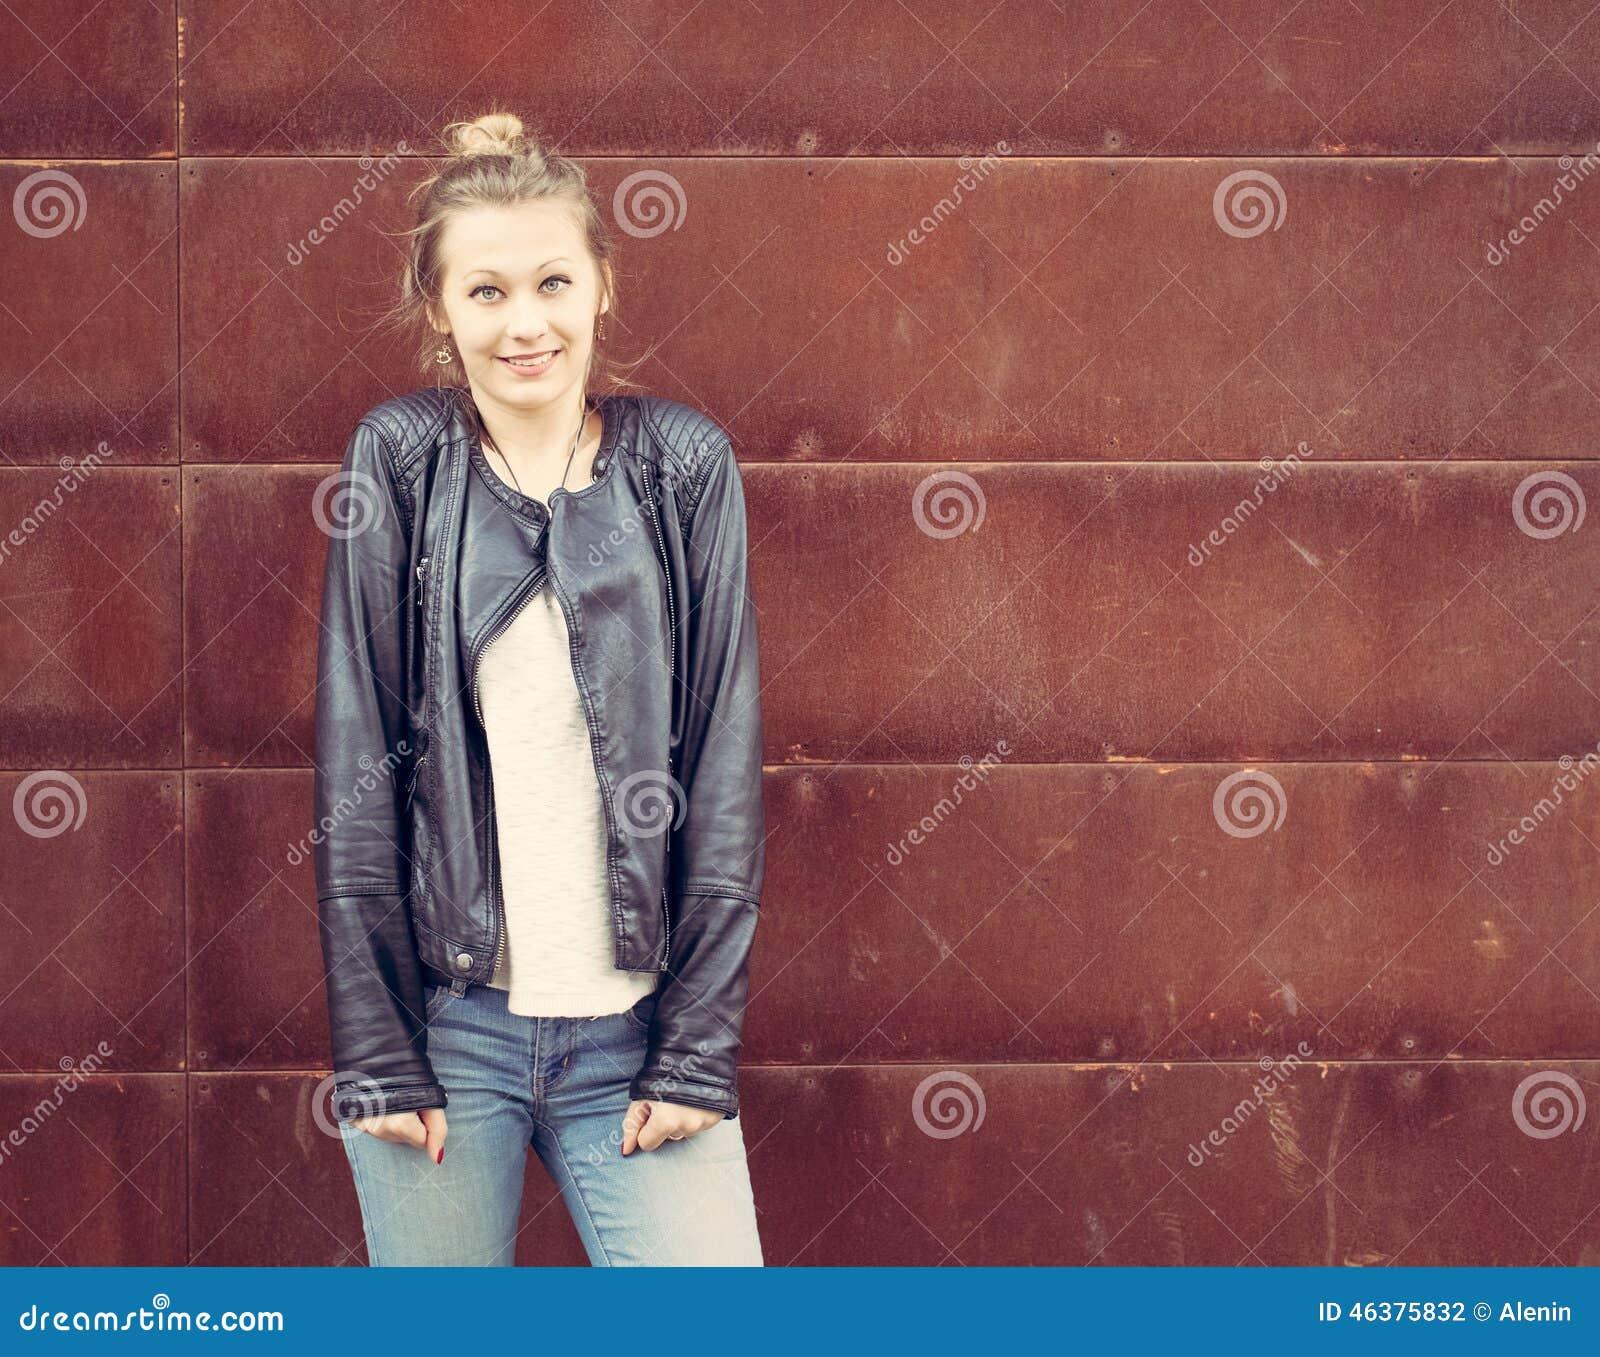 55b5ca4bc13916 Fille Dans Une Veste En Cuir Noire Posant Dans Un Mur Rouillé En ...